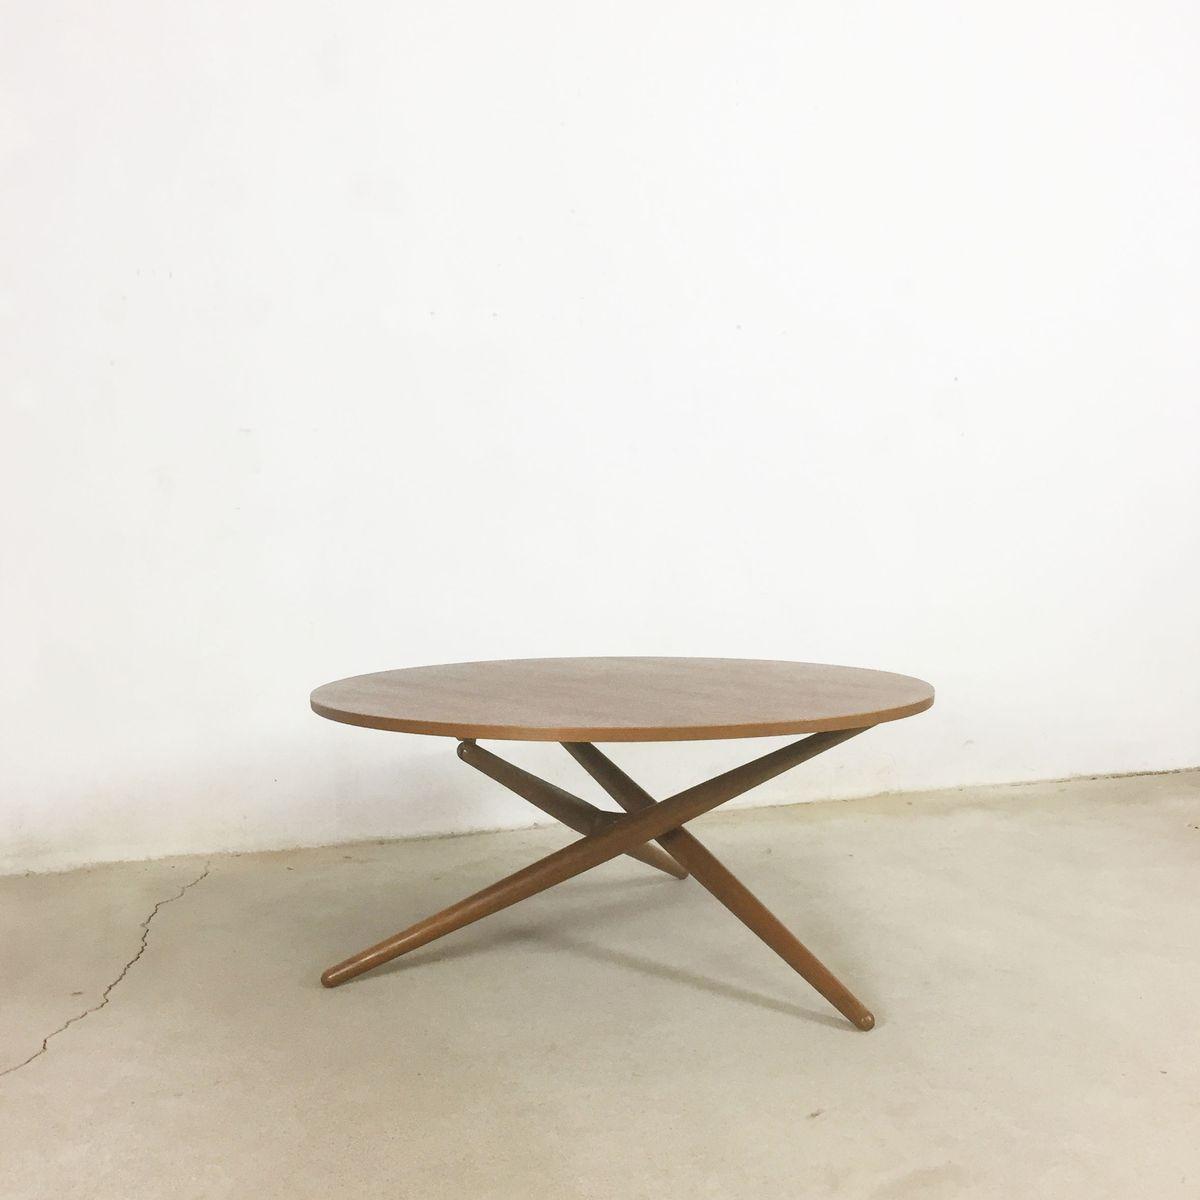 Ess Tee Teak Tisch von Jürg Bally für Wohnbedarf Zürich, 1950er